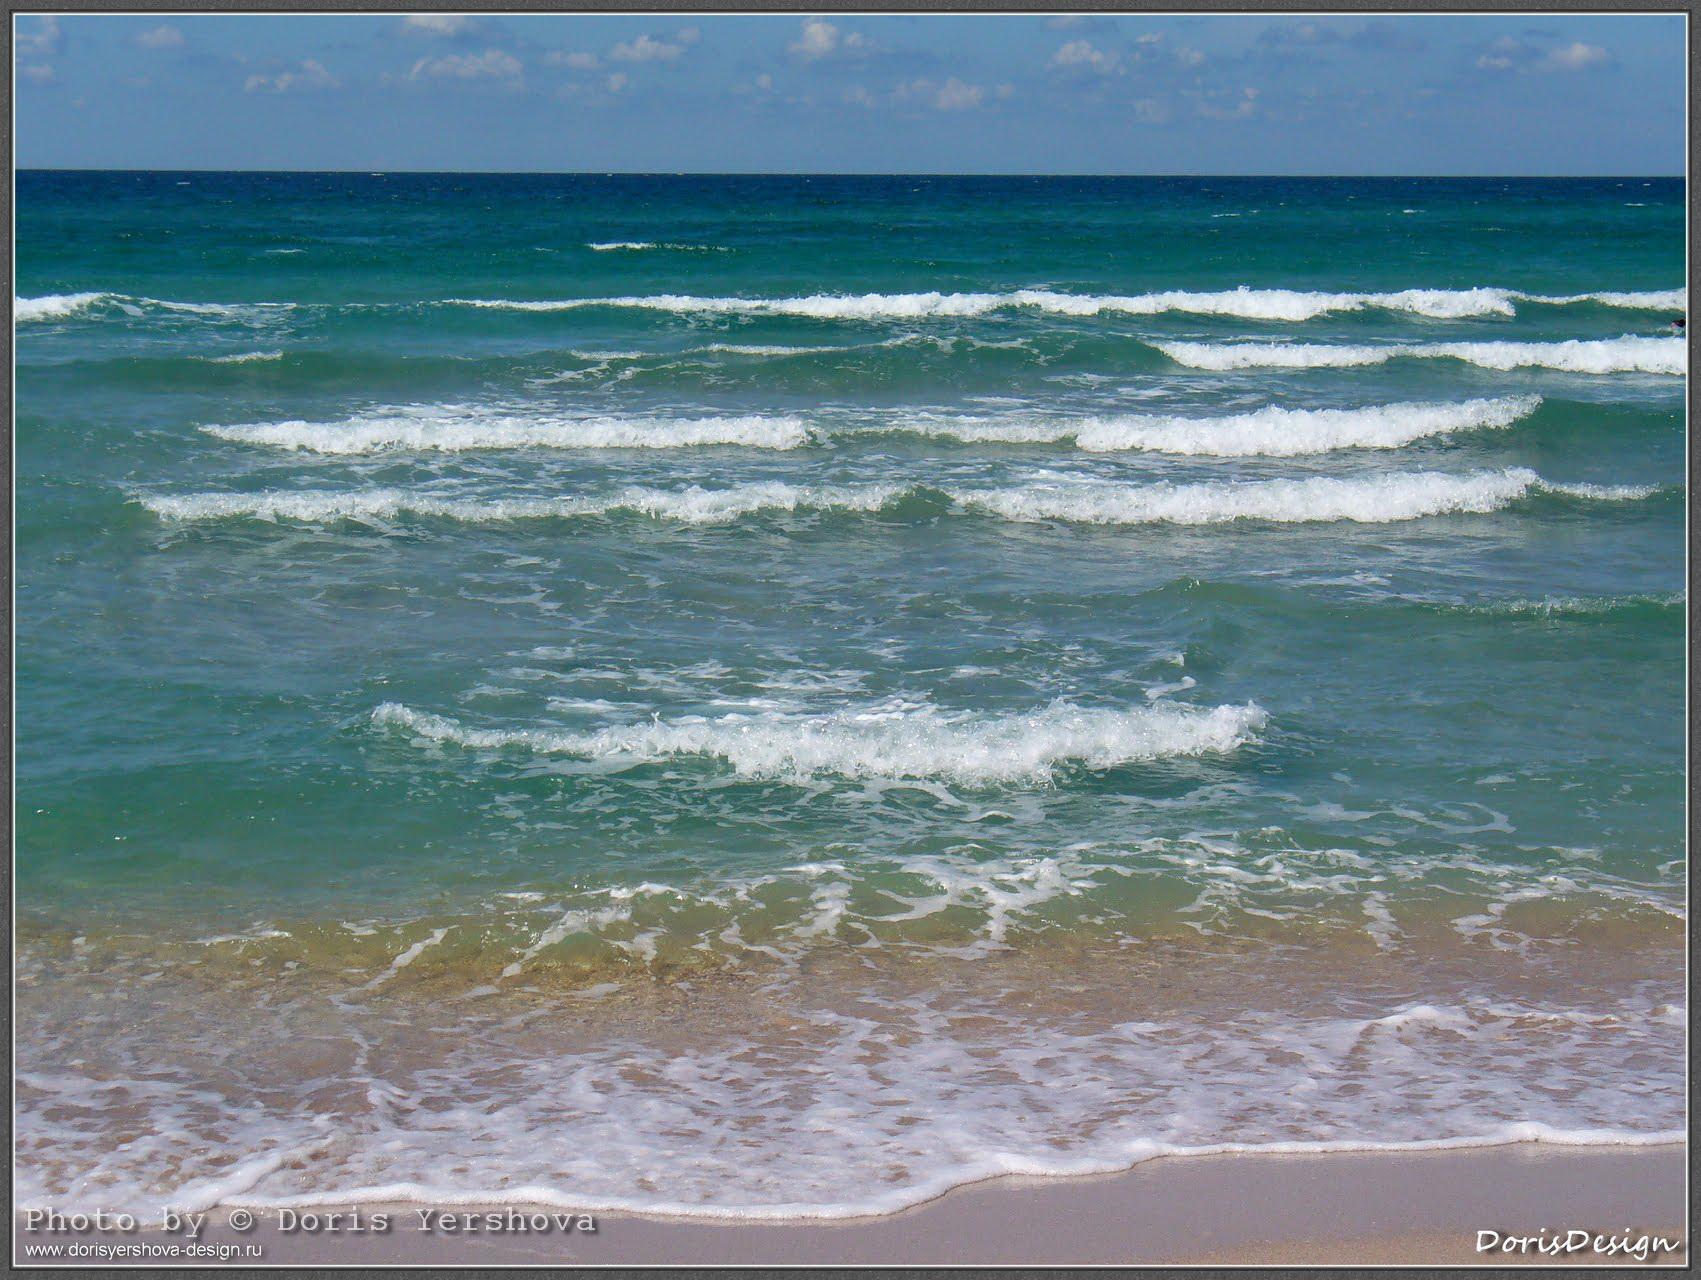 Черное море, Крым, Тарханкут, Оленевка, берег моря. волны, прибой, бирюзовый, синий, морской, пена. белые буруны